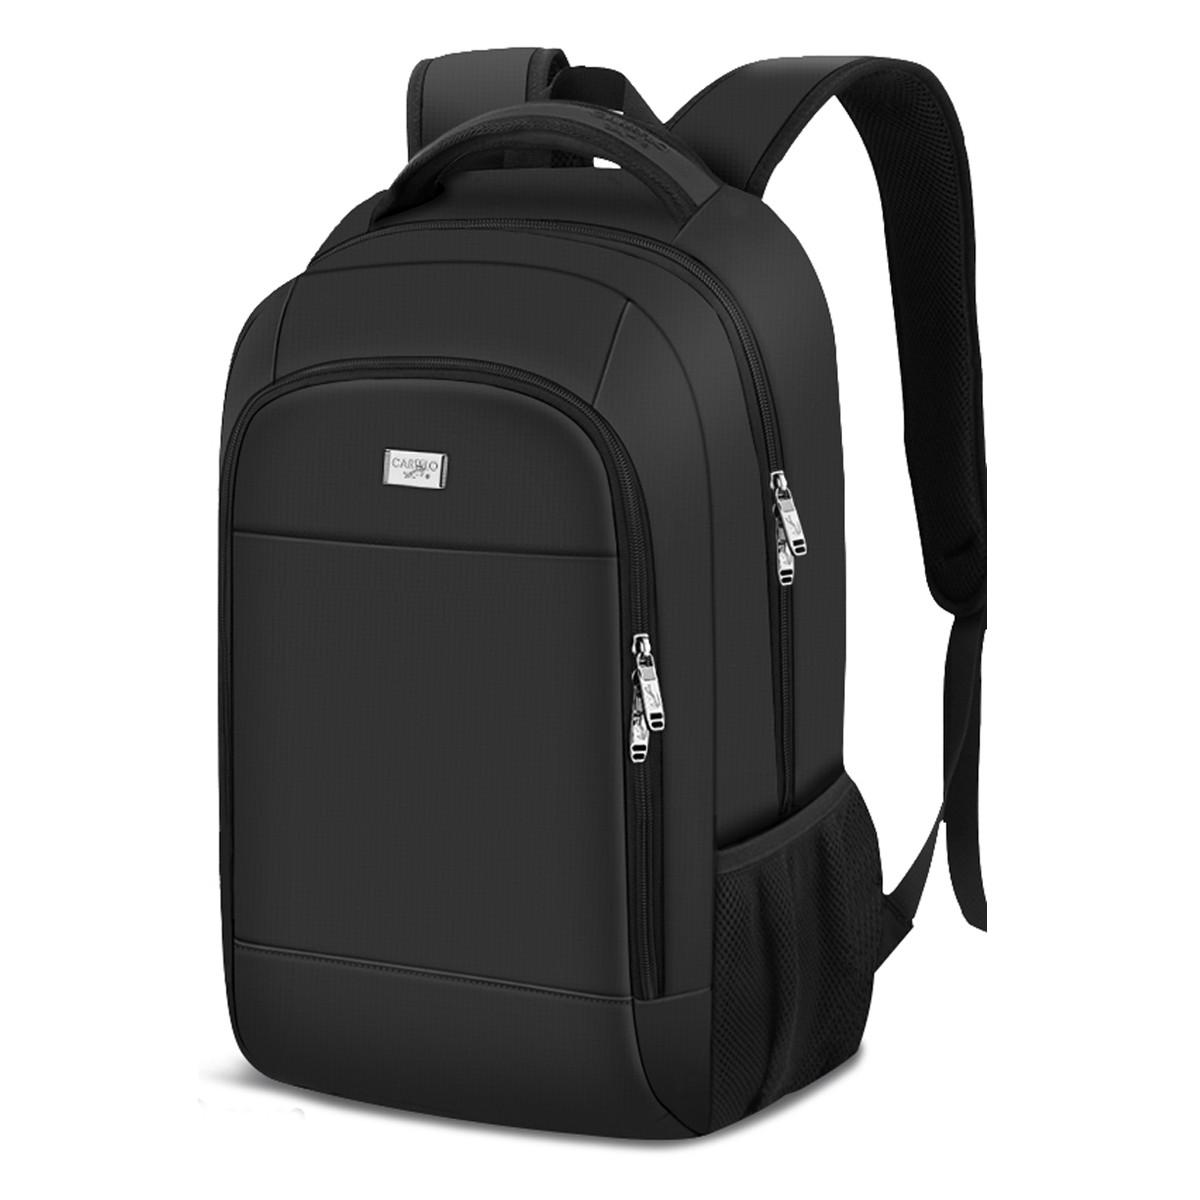 CARTELO 卡帝乐鳄鱼 大容量休闲男女背包电脑包运动商务旅行包书包潮流男士男包双肩包